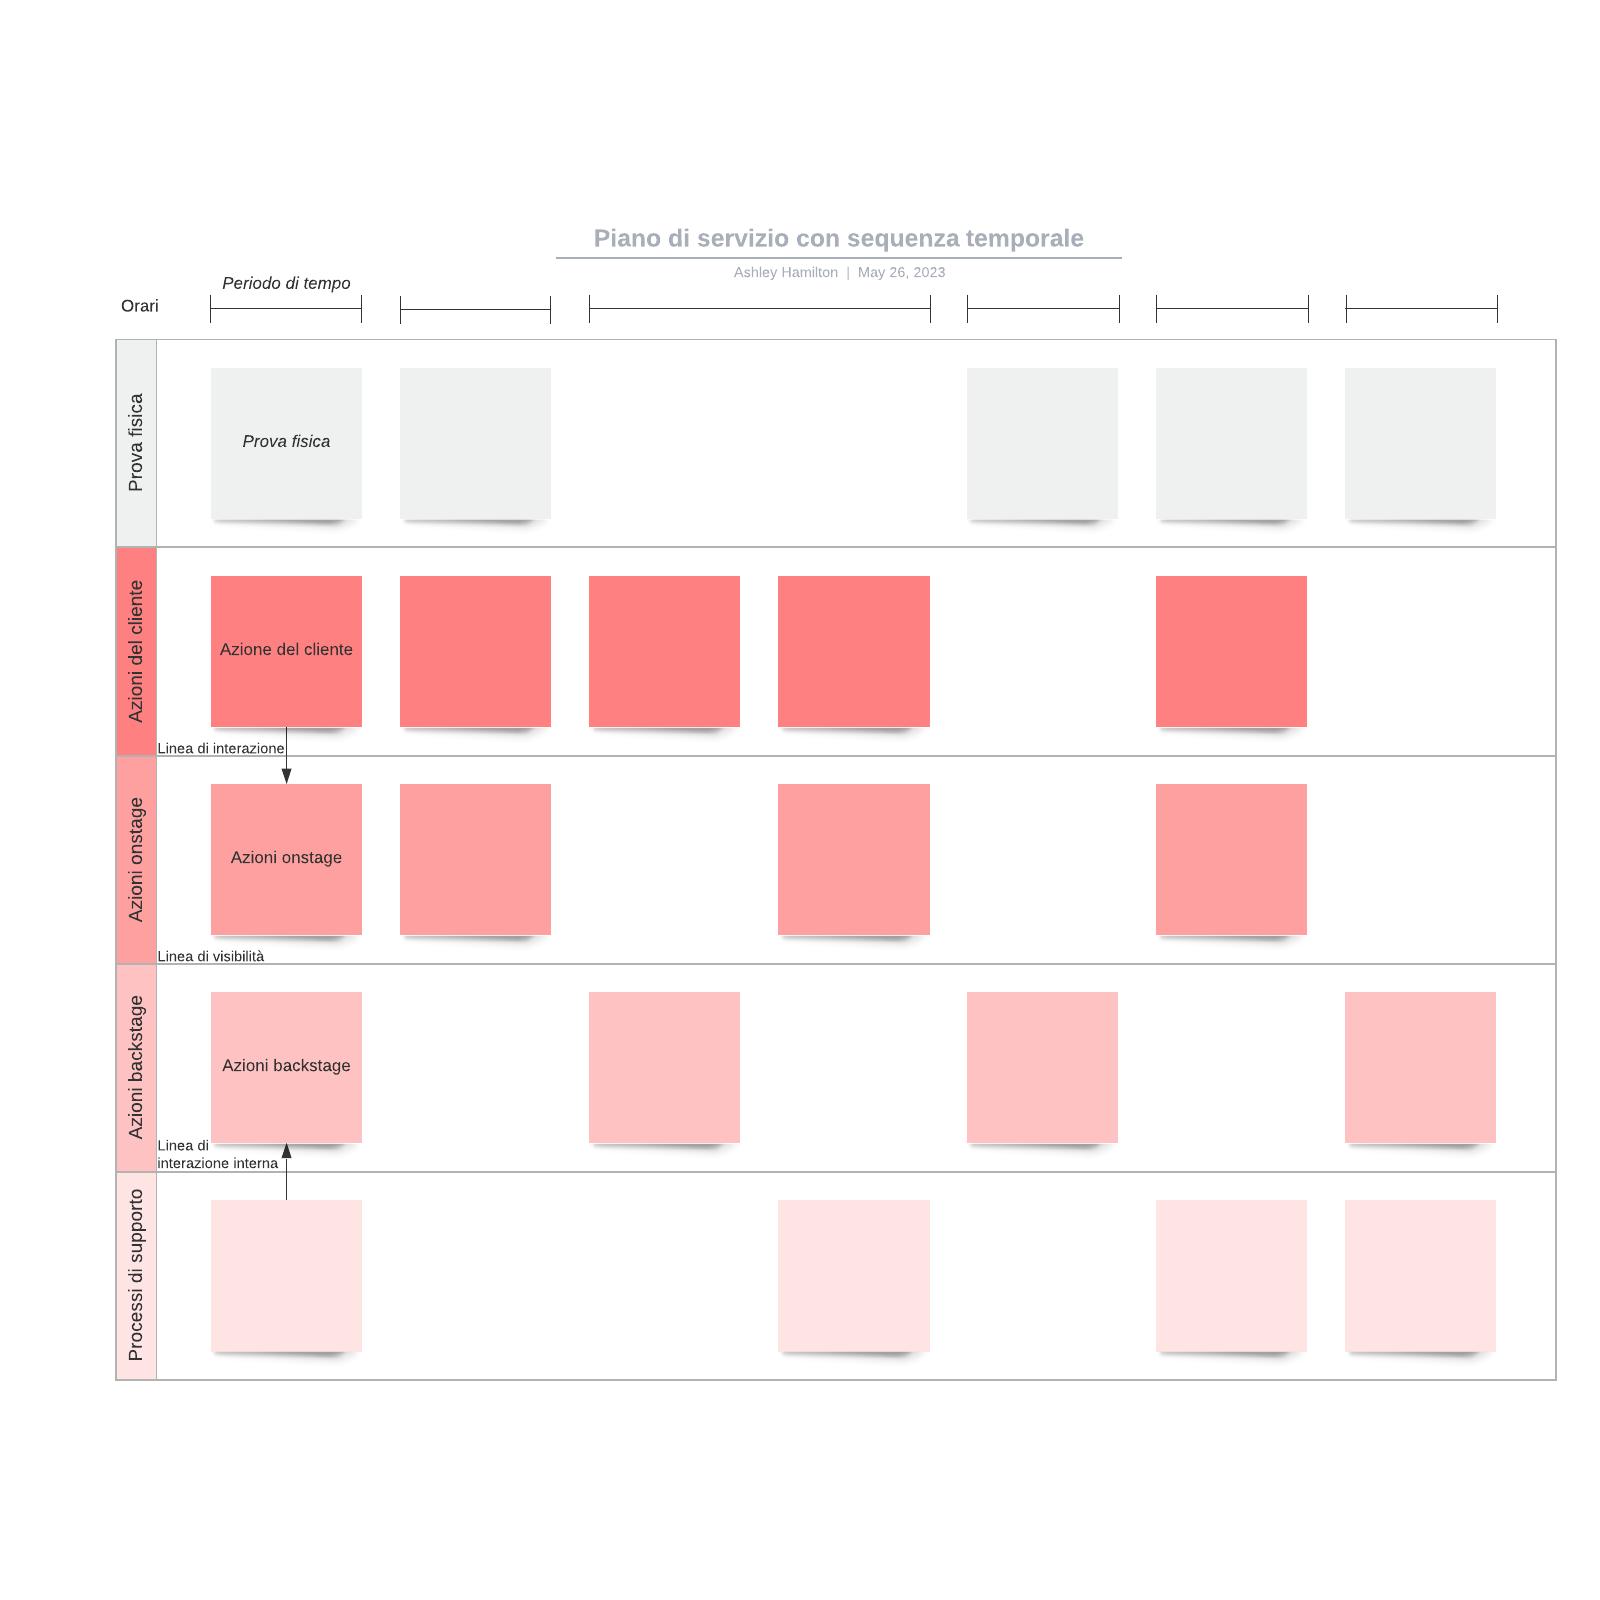 Piano di servizio con sequenza temporale